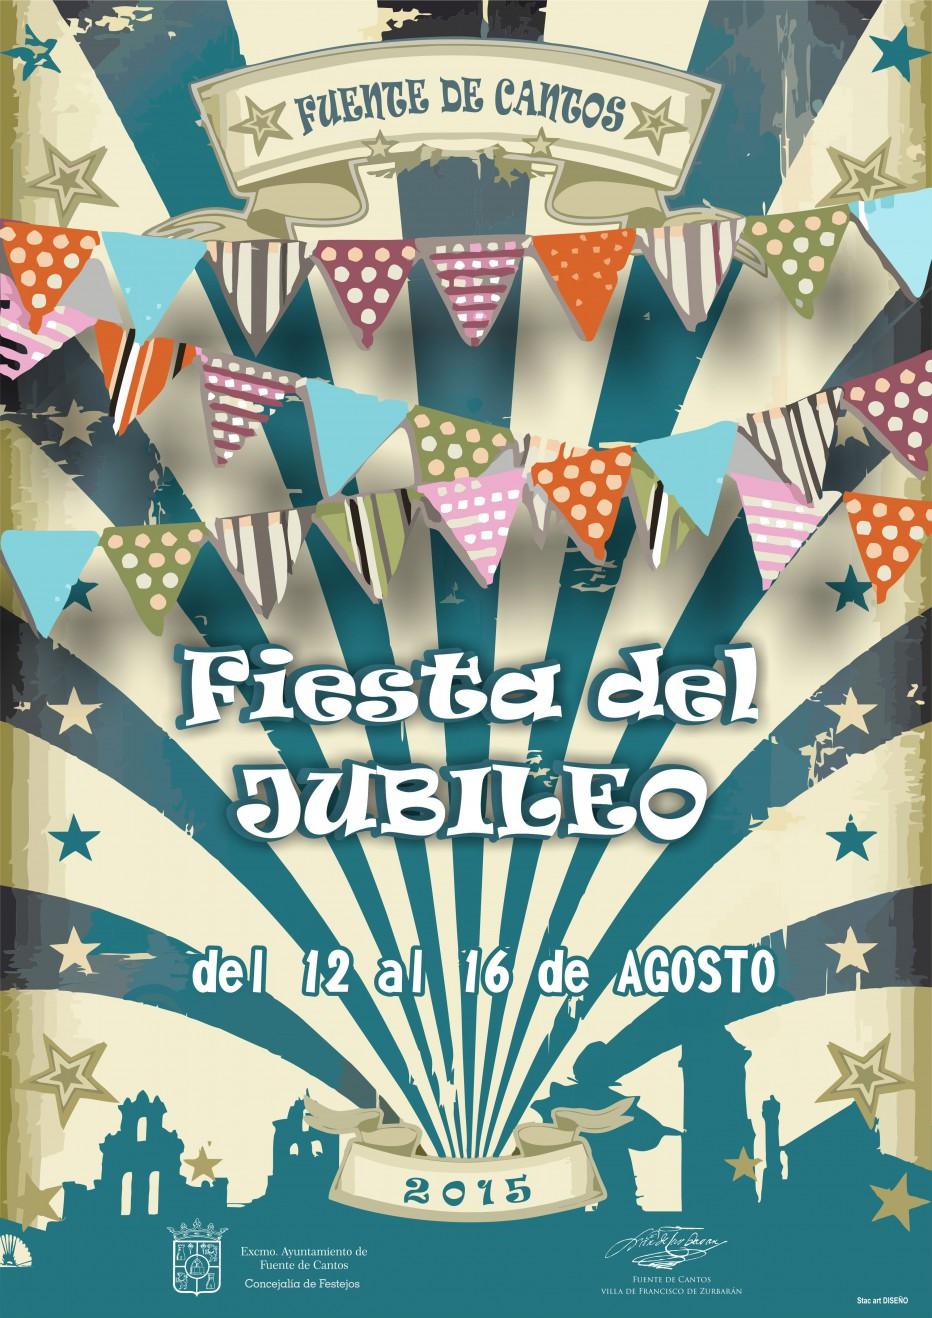 Feria del Jubileo 2015